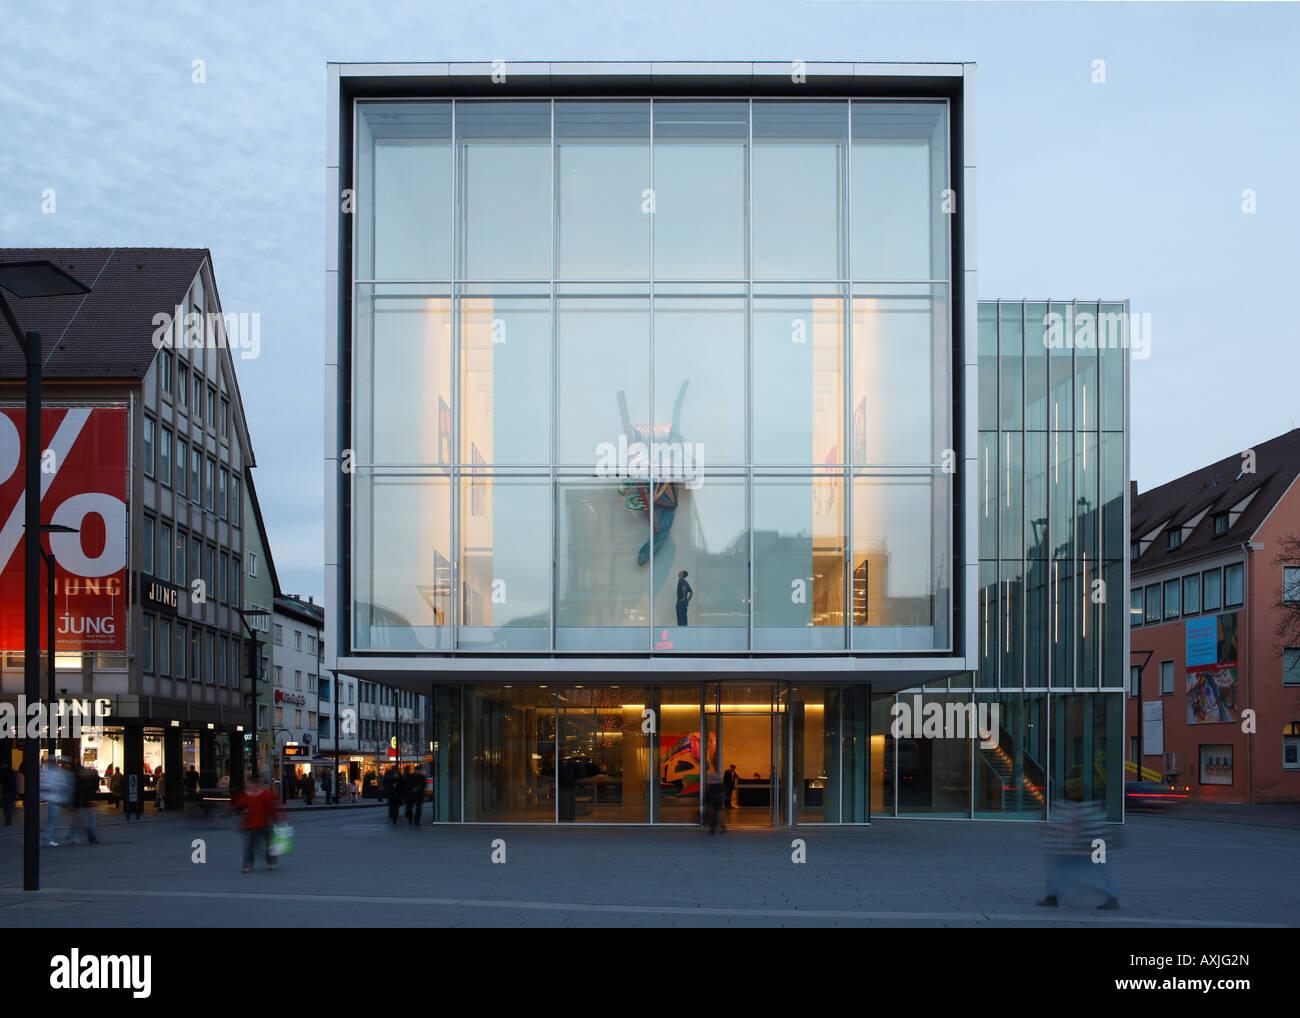 Ulm, Kunsthalle, Architekten: wwa wöhr heugenhauser 2007 - Stock Image